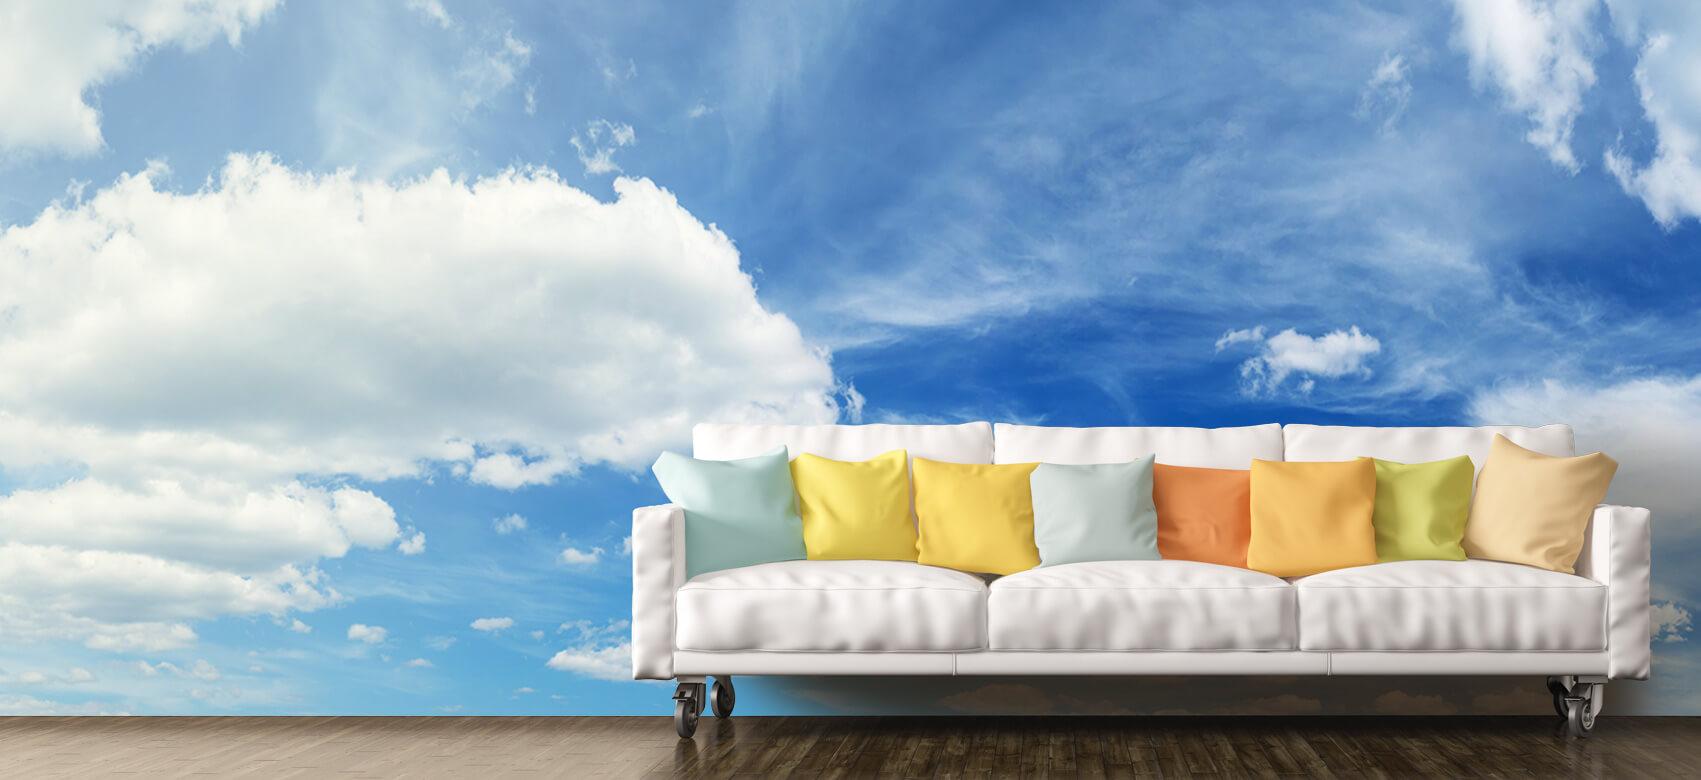 Natuur Blauwe lucht met wolken 10